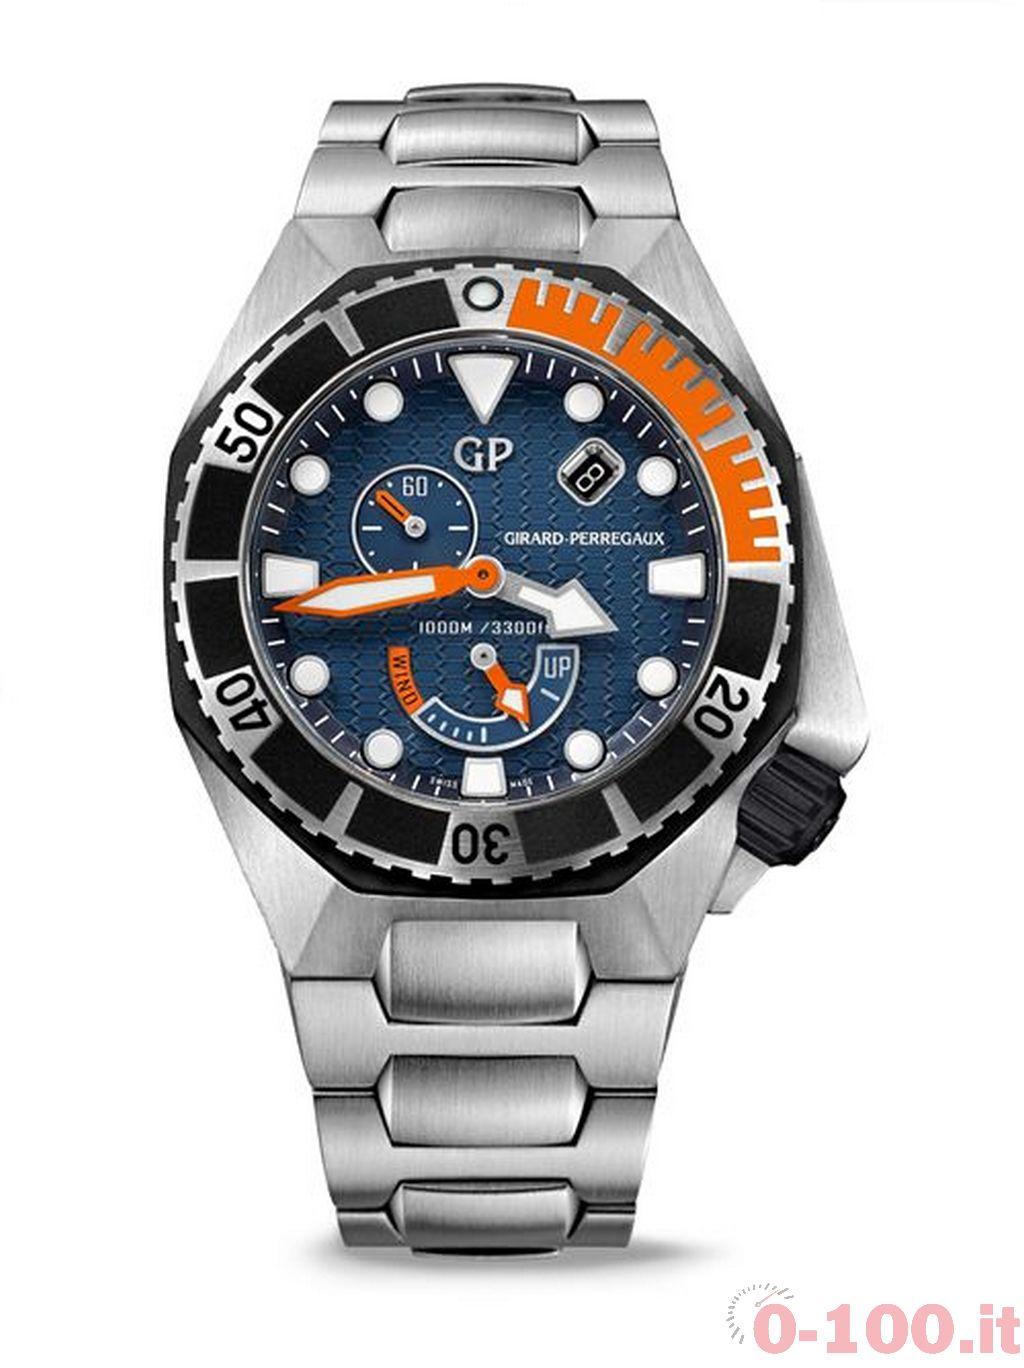 il-nuovo-girard-perregaux-sea-hawk-ref-49960-19-431-fk4a _0-1004